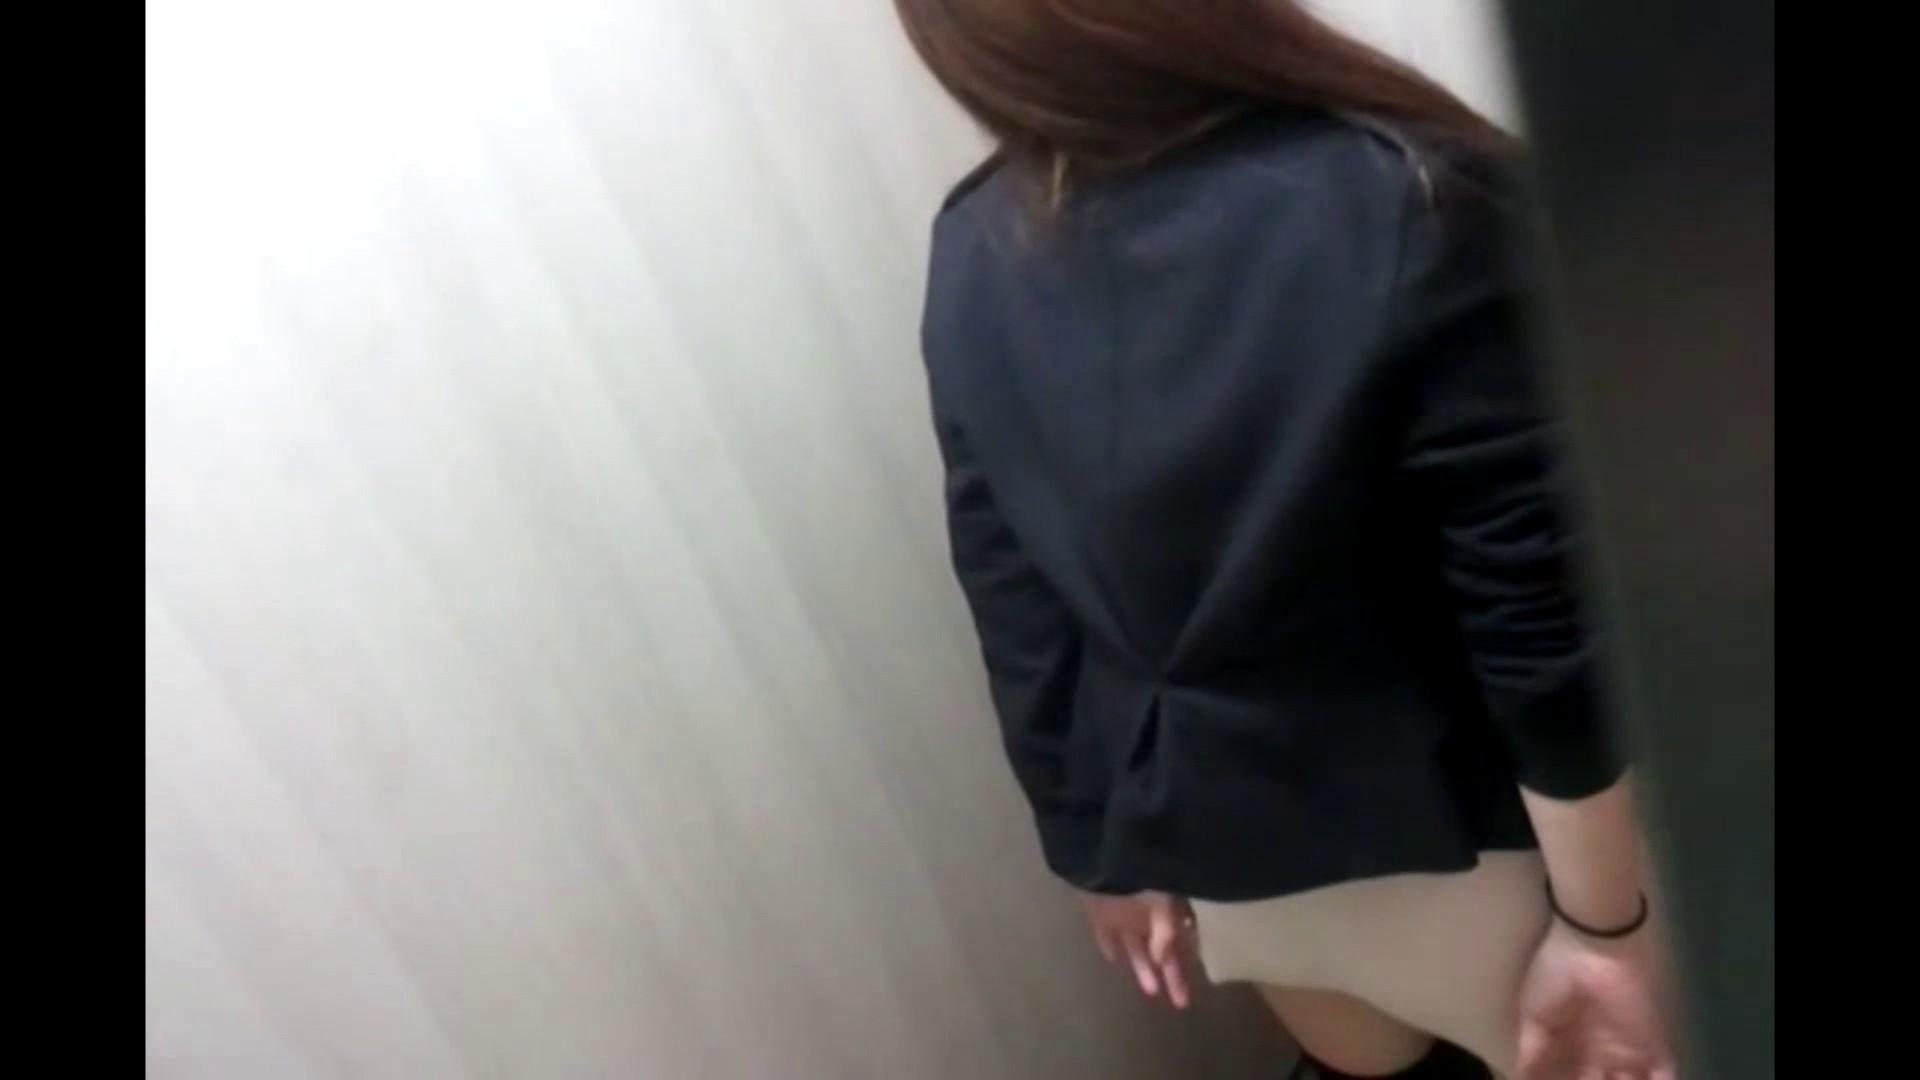 潜入!!韓国秘密のトイレ!Vol.05 美女OL | 独占盗撮  31連発 9